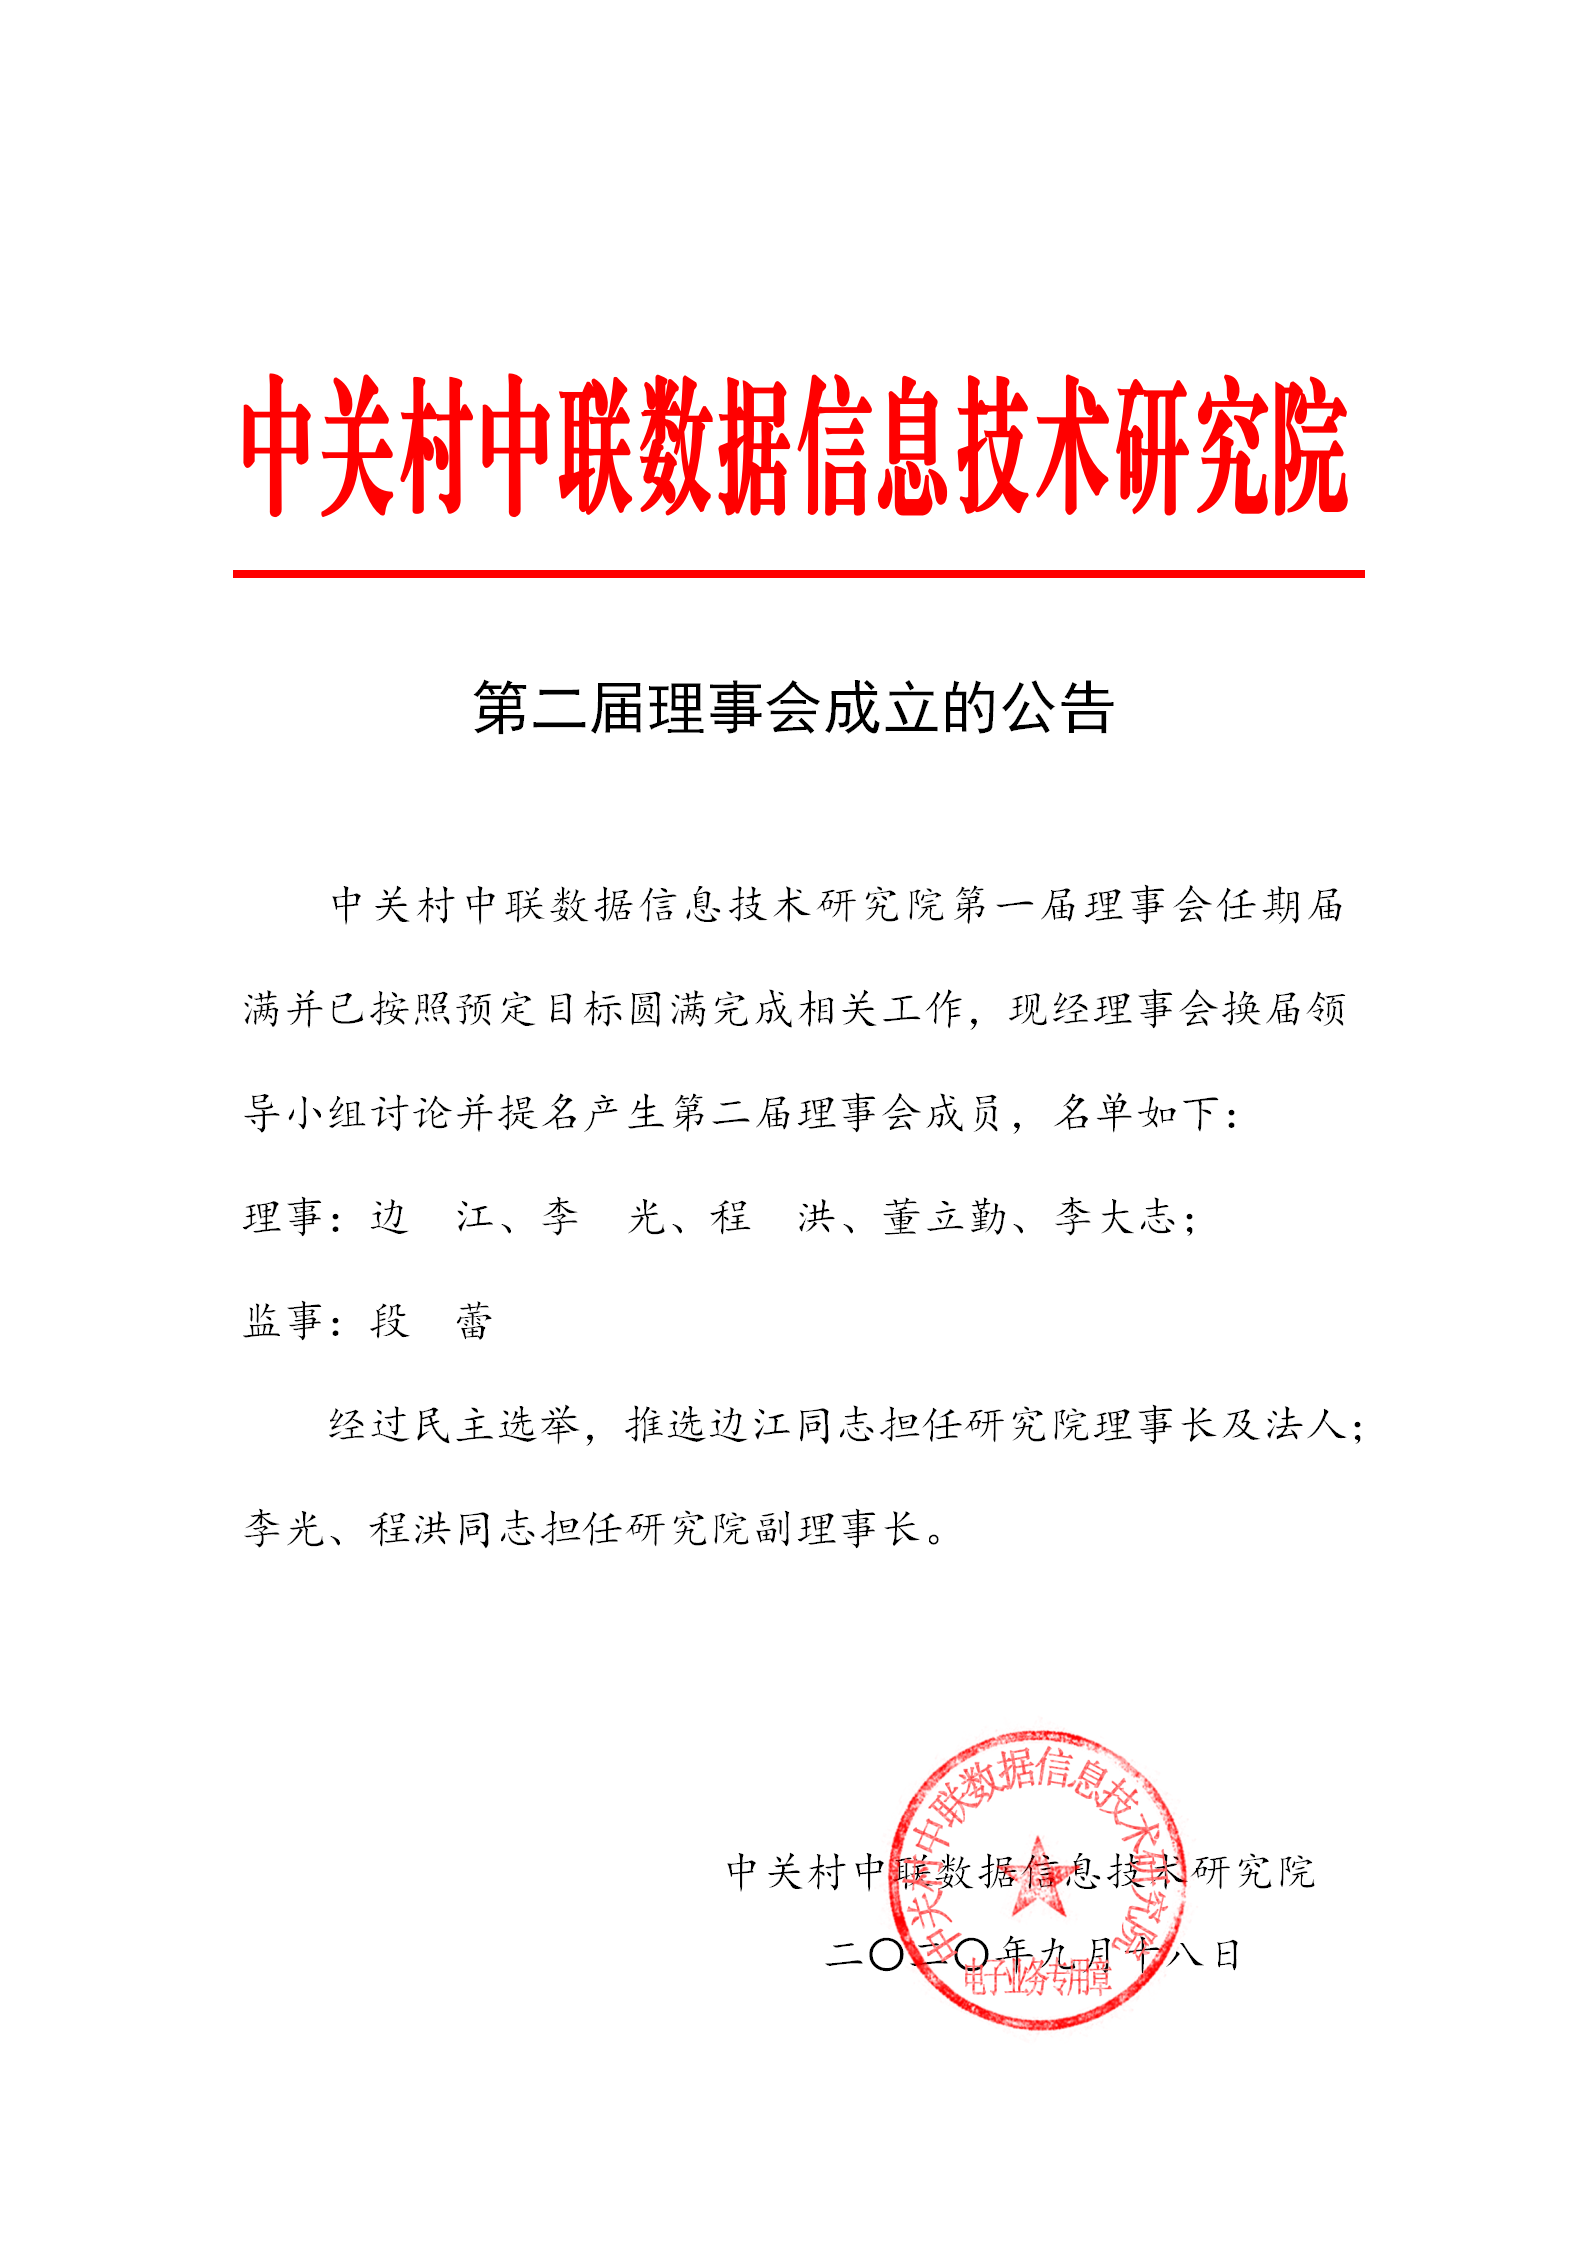 研究院第二届理事会成立